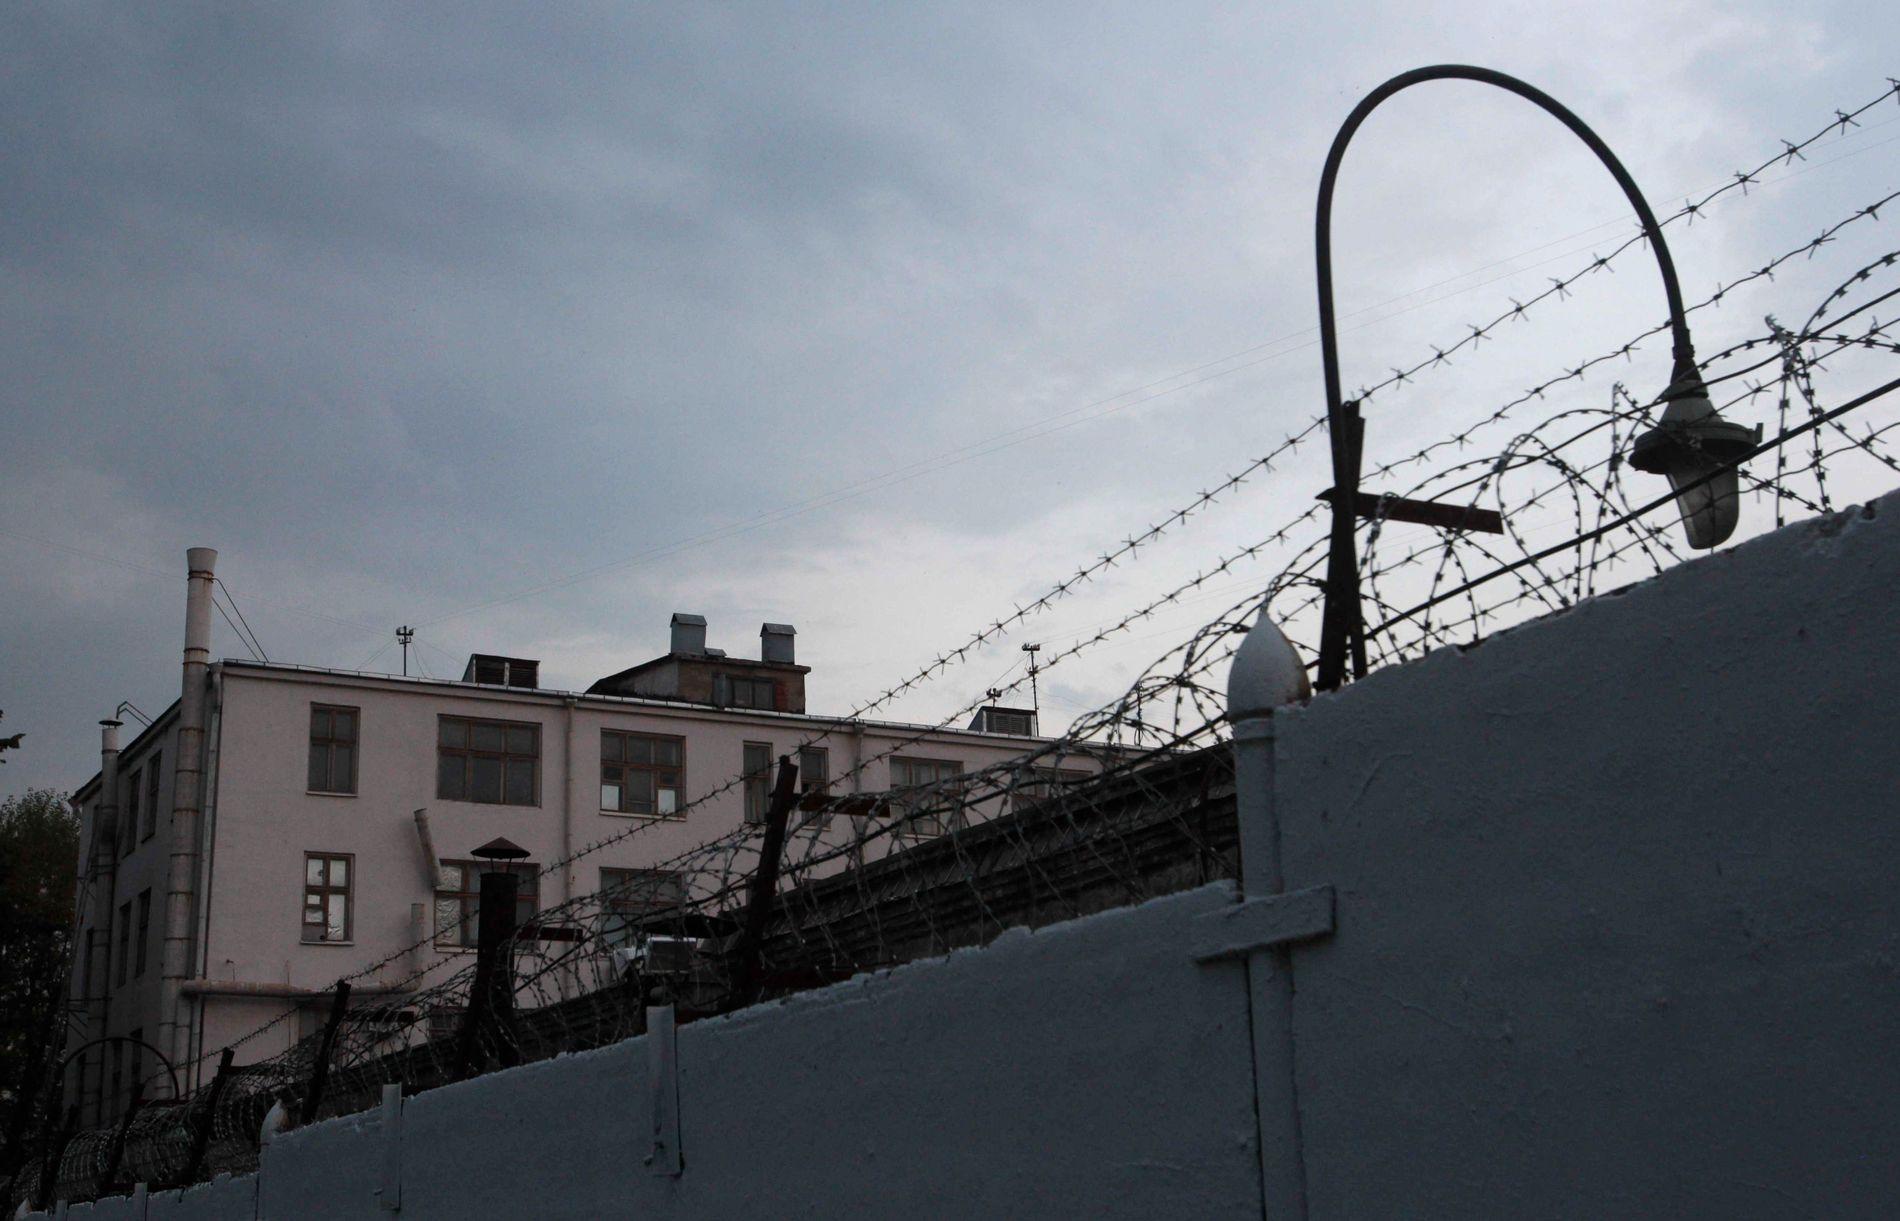 BERYKTET FENGSEL Innenfor disse veggene sitter den 62 år gamle pensjonerte grenseinspektøren Frode Berg fengslet, ifølge familiens advokat. Alle som pågripes av russisk sikkerhetspoliti bli plassert her.